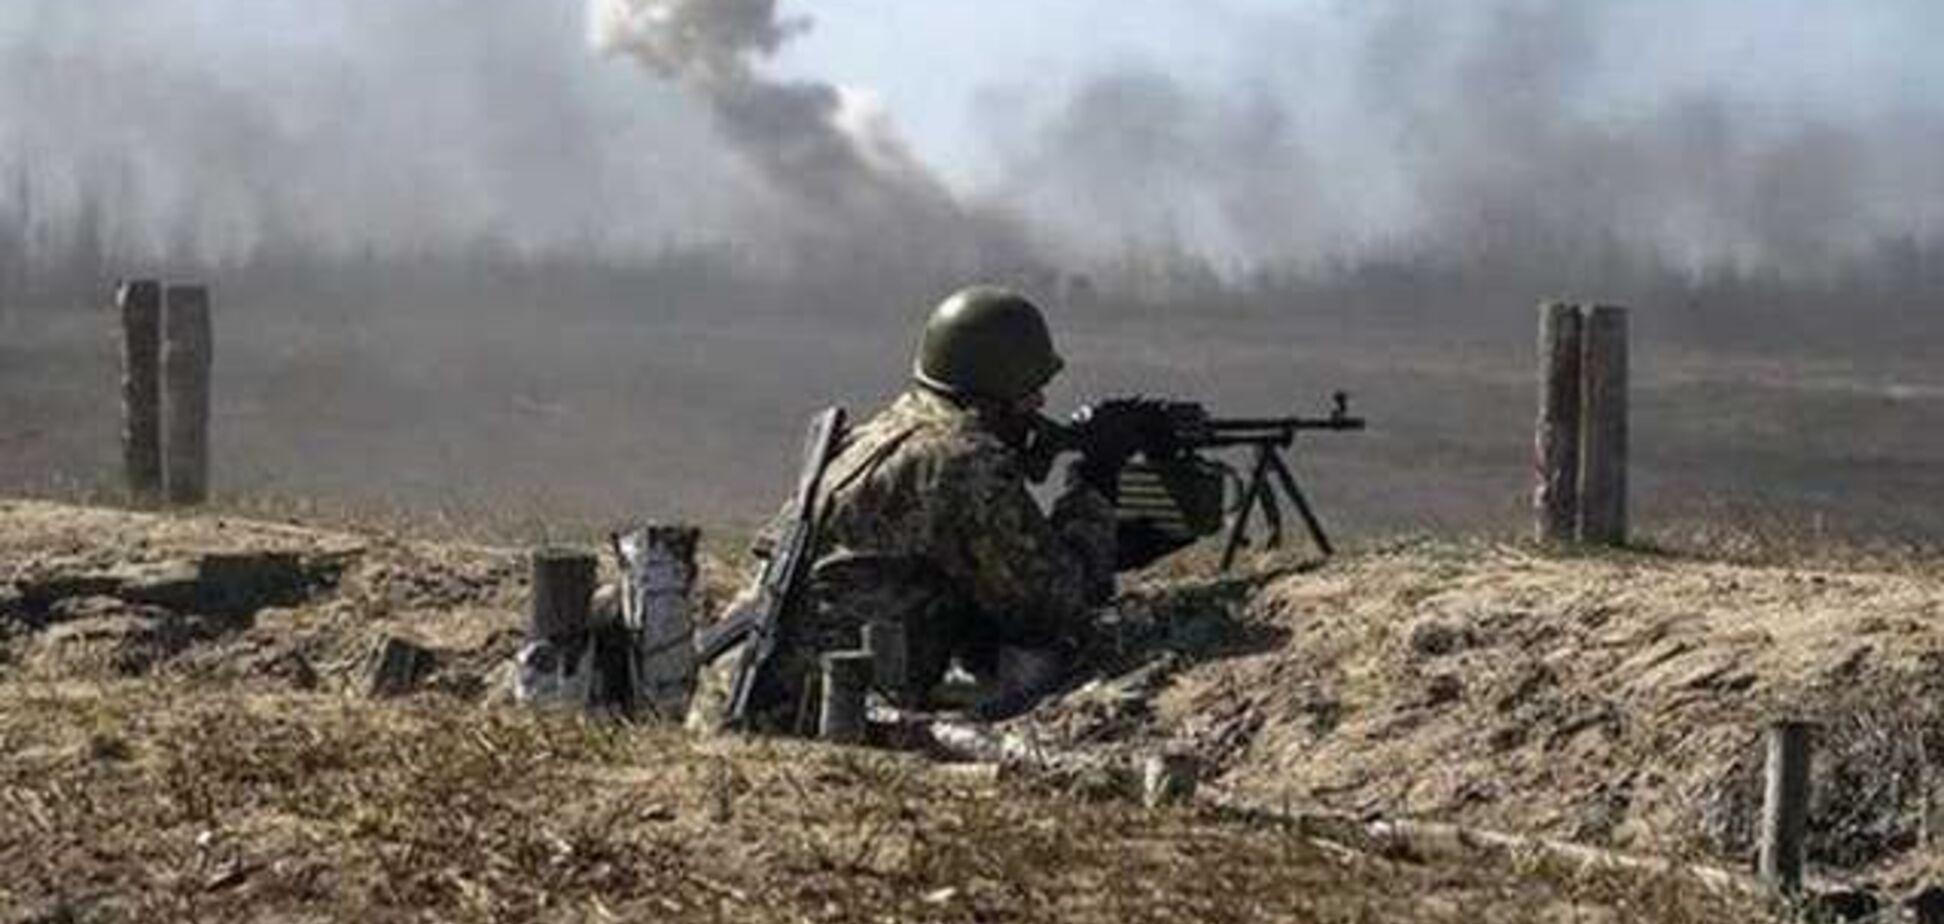 Загострення боїв на Донбасі: з'явилися перші дані про жертви серед бійців ЗСУ